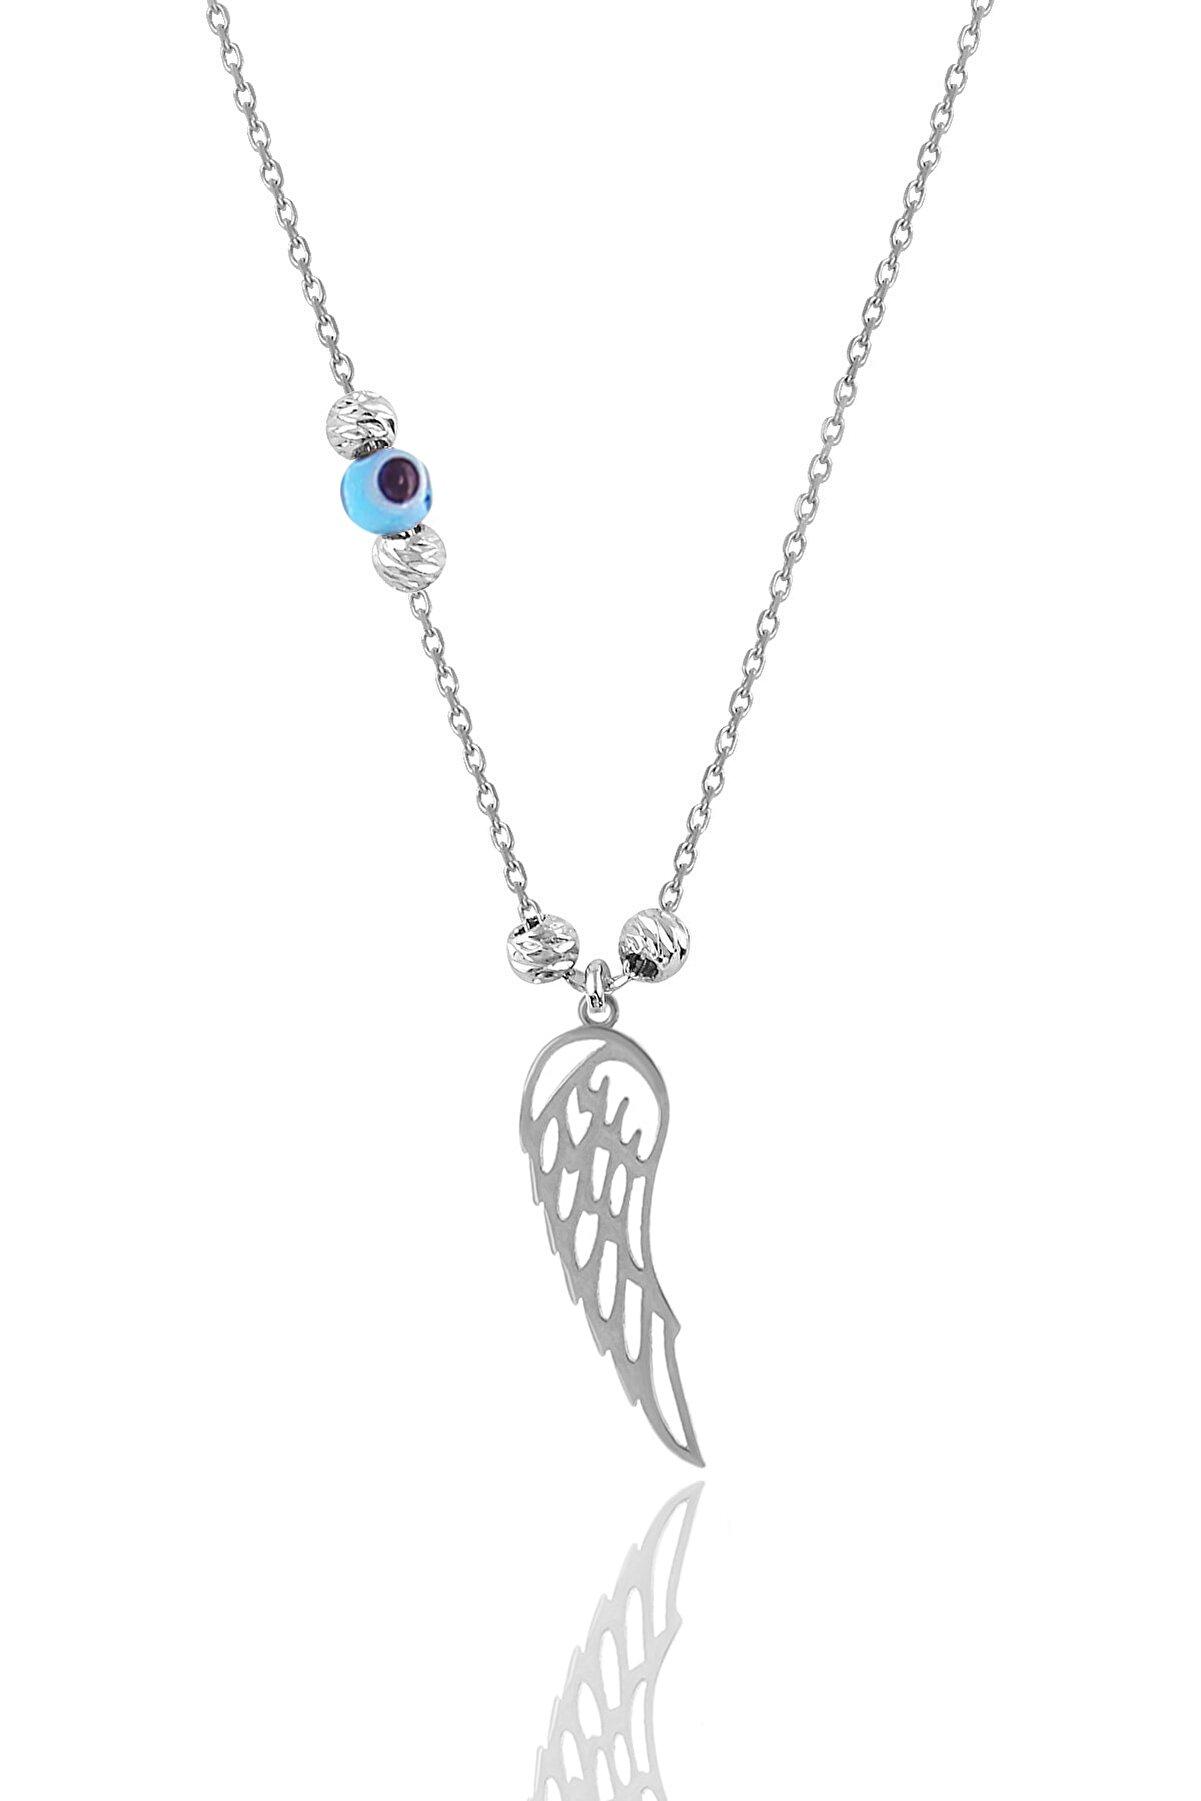 Söğütlü Silver Gümüş Rodyumlu Dorica Toplu Kanat Kolye